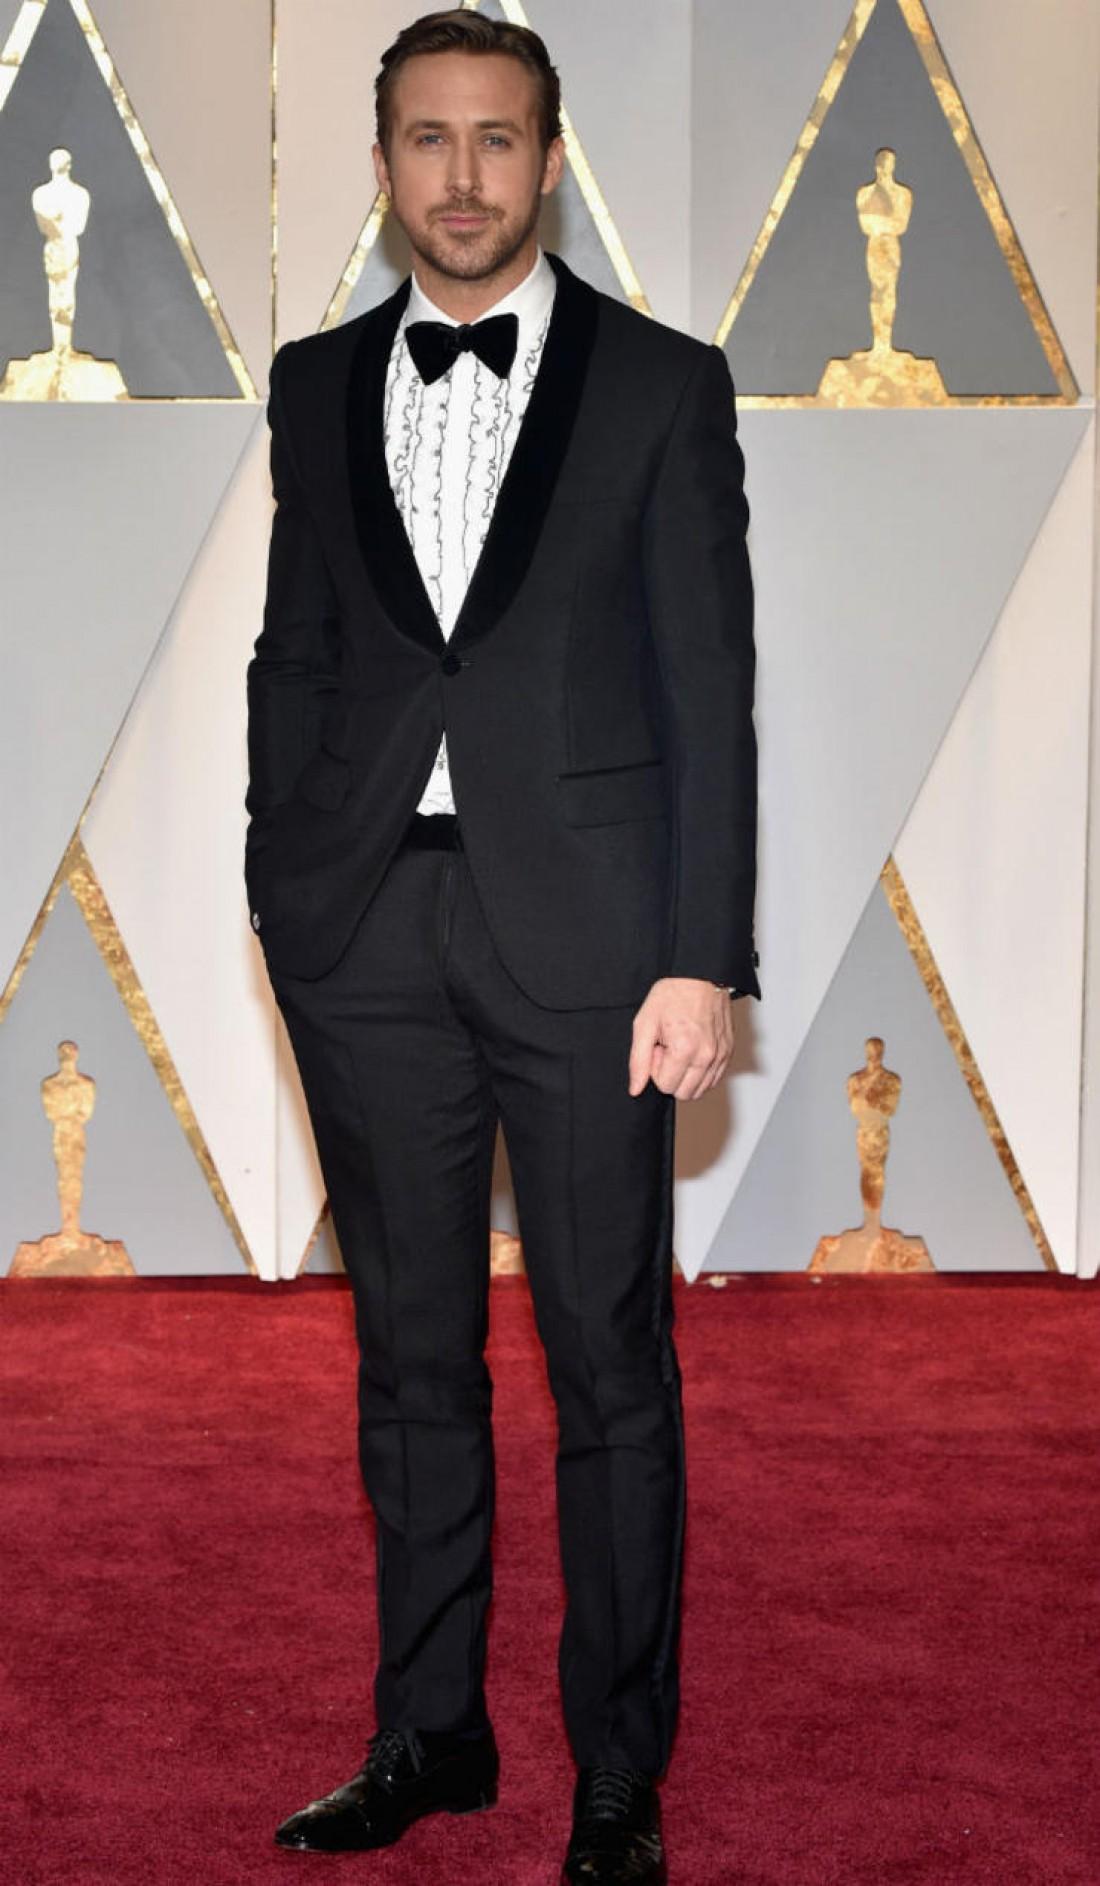 Райан Гослинг. Один из самых стильных мужчин церемонии Оскар 2017